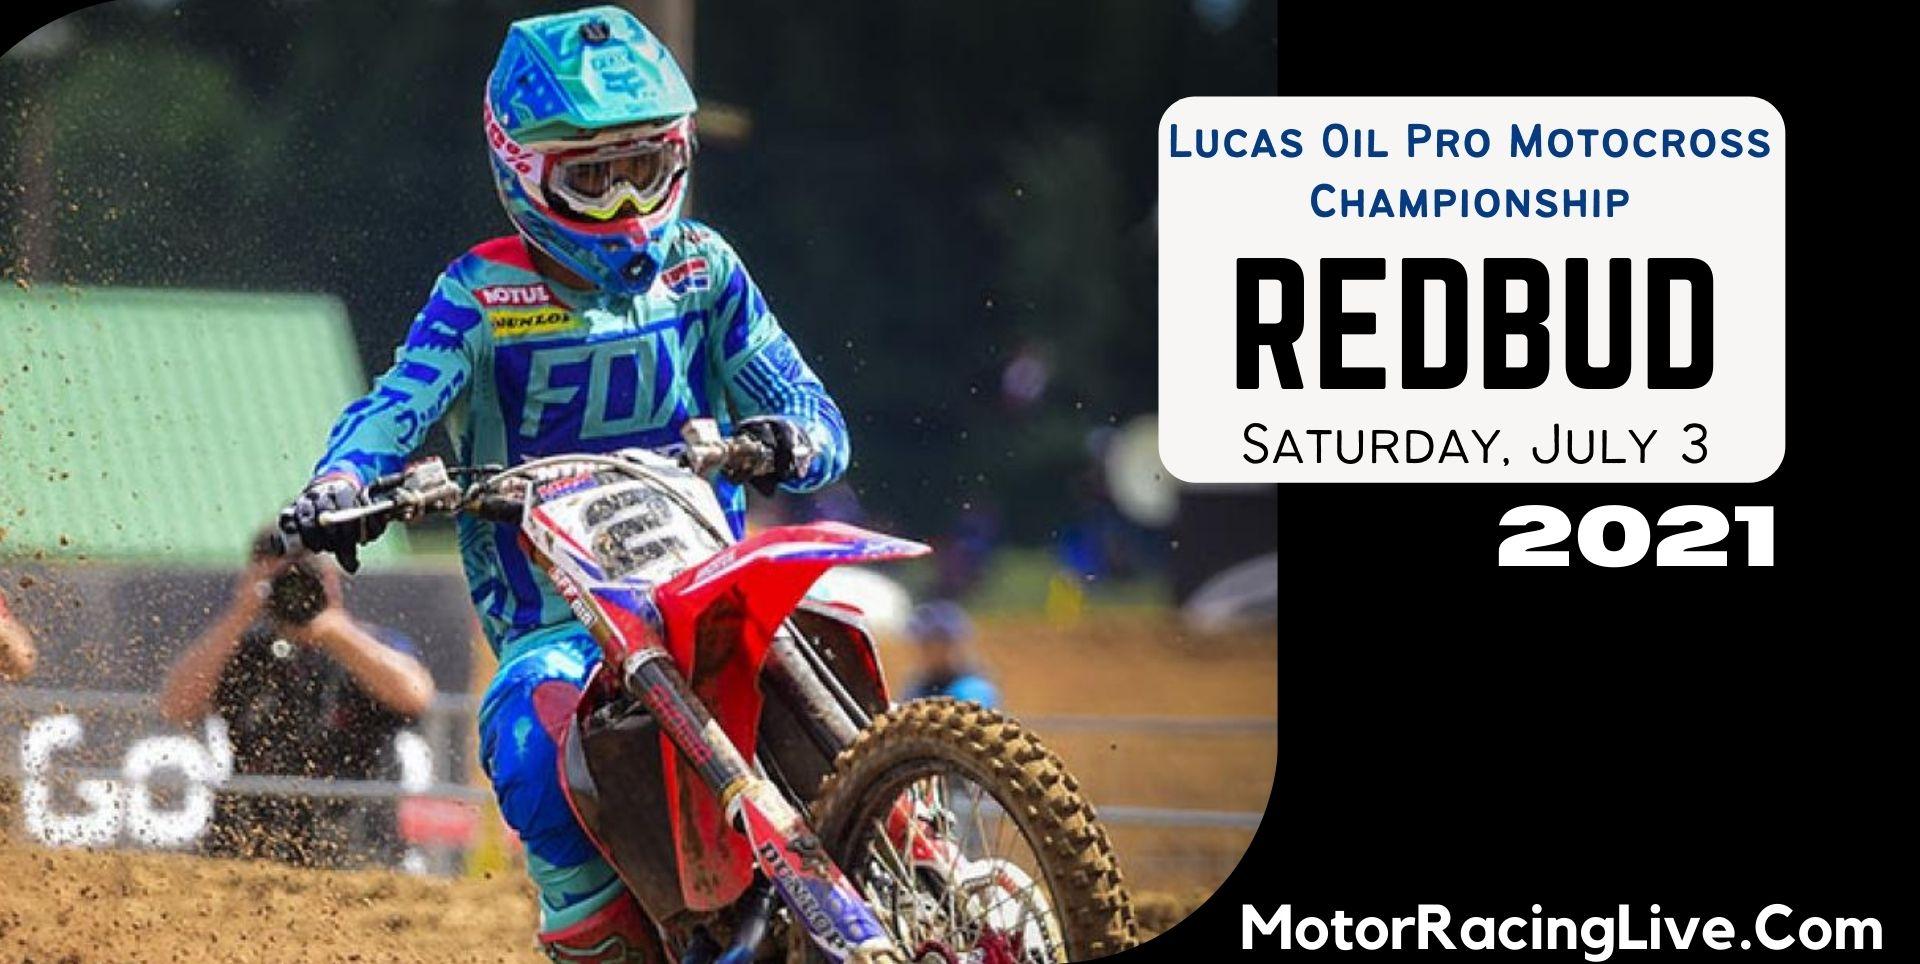 Redbud Live Streaming 2021 | Motocross